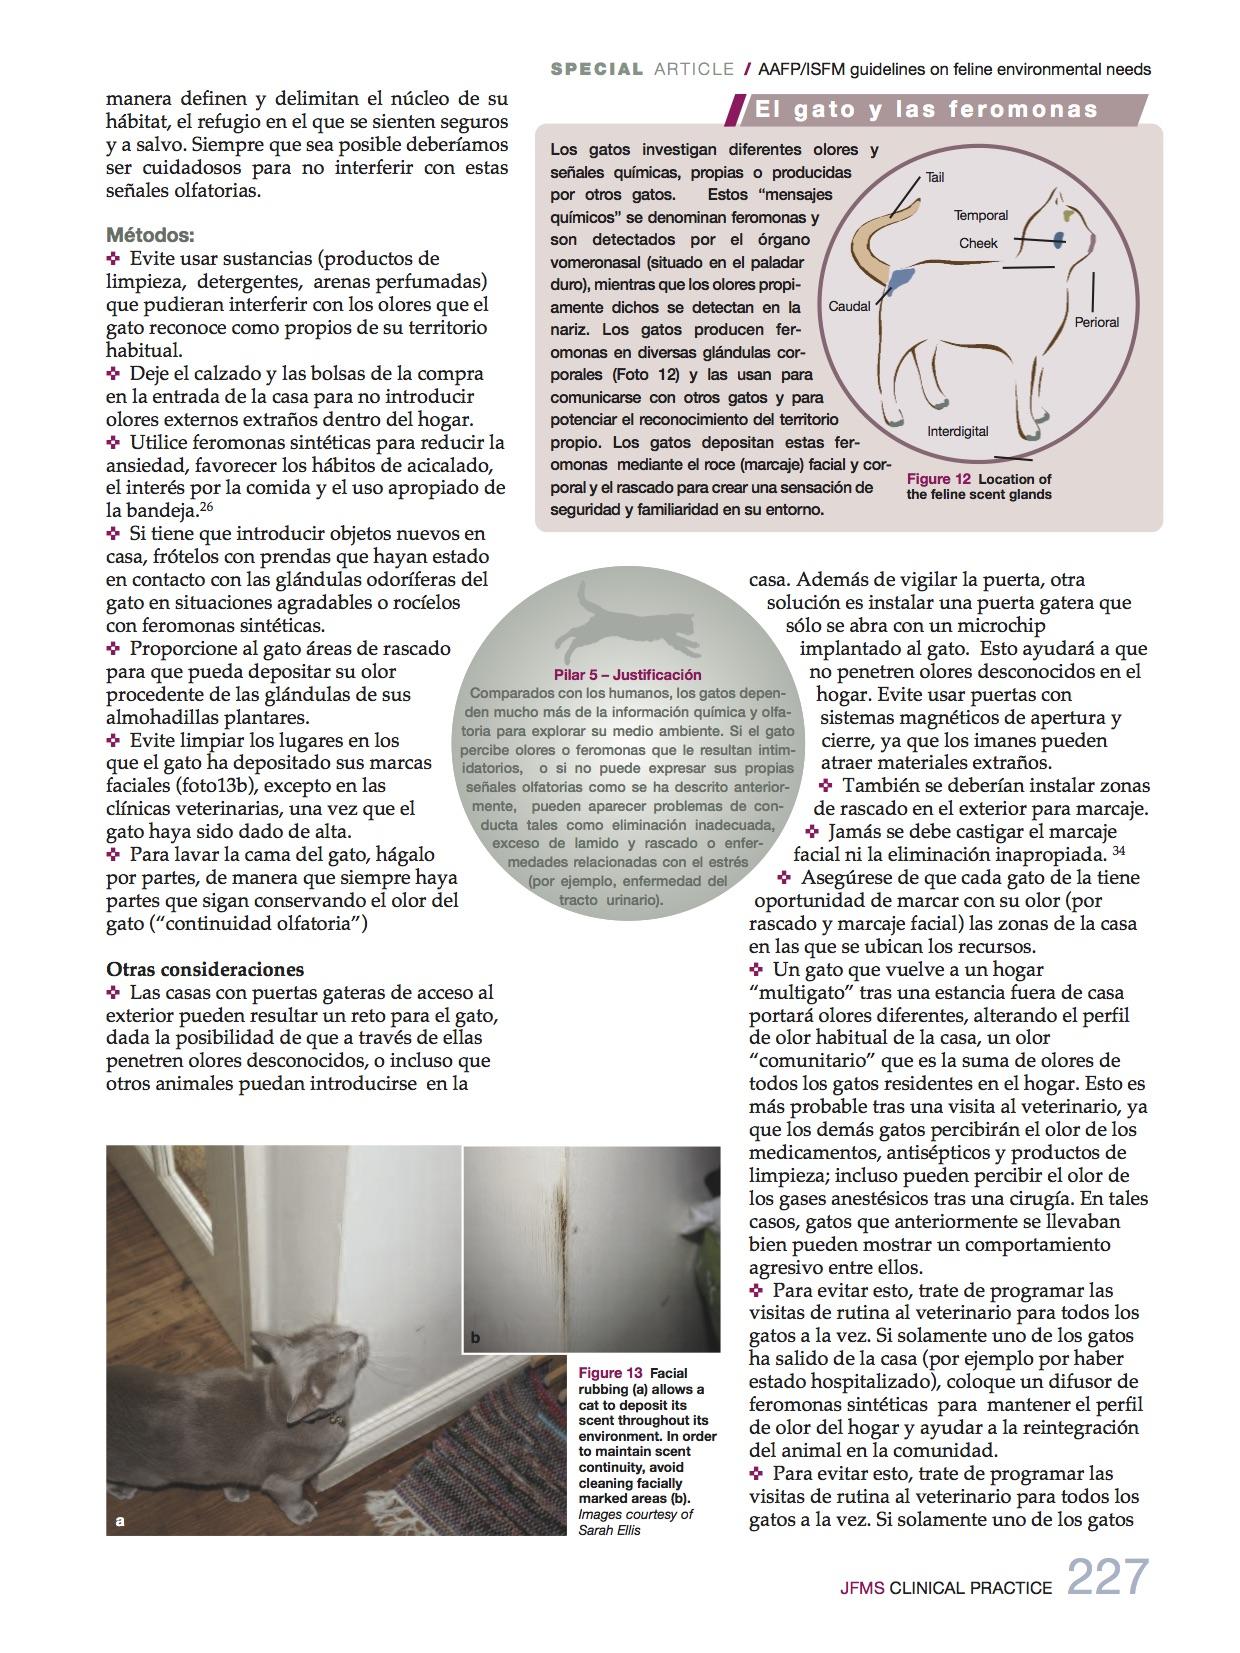 necesidades_medioambientales9_felinas